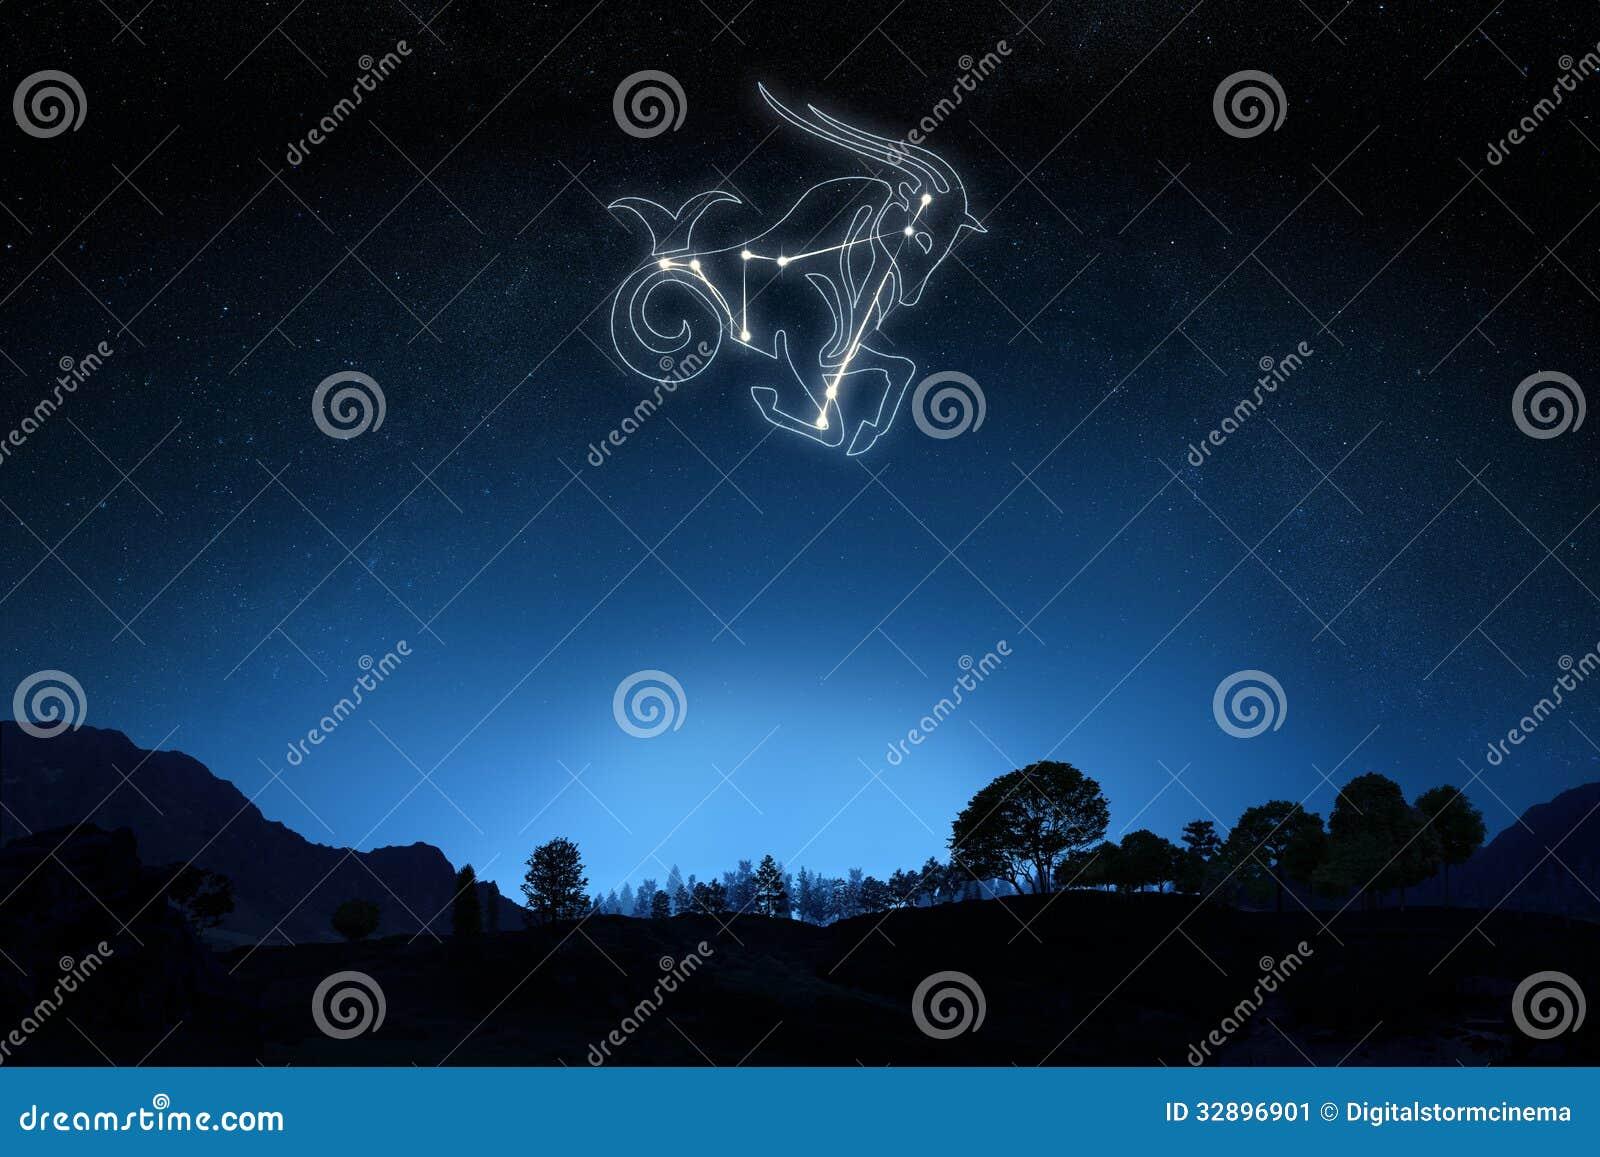 Козерог зодиака с звездой и планом символа